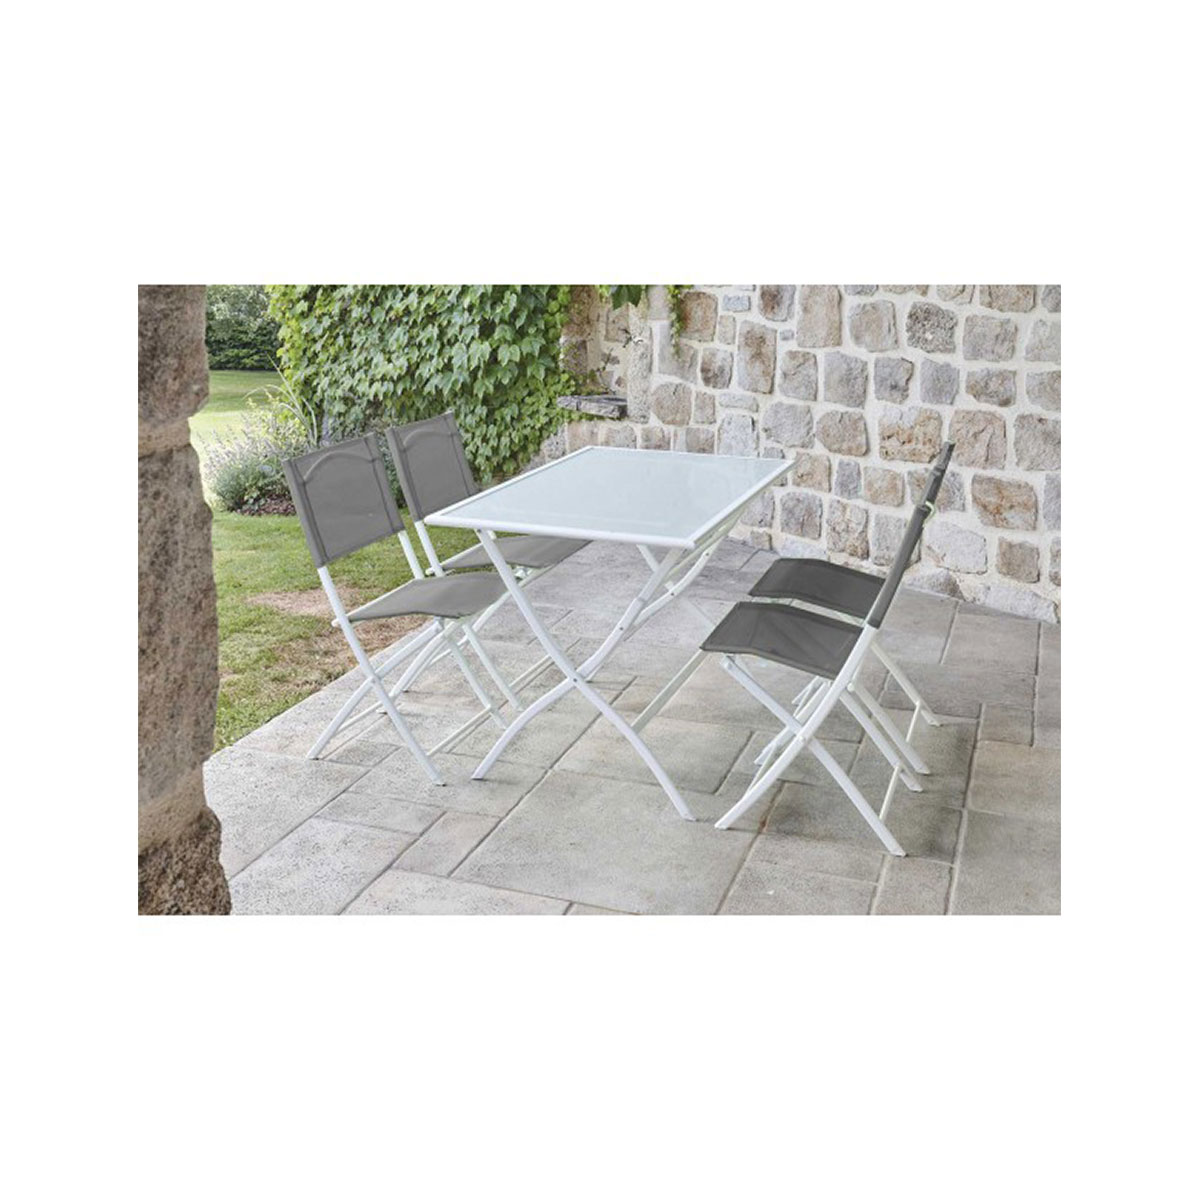 Ensemble de jardin pliant à chaises colorées - Anthracite - 110 x70 x 72 cm